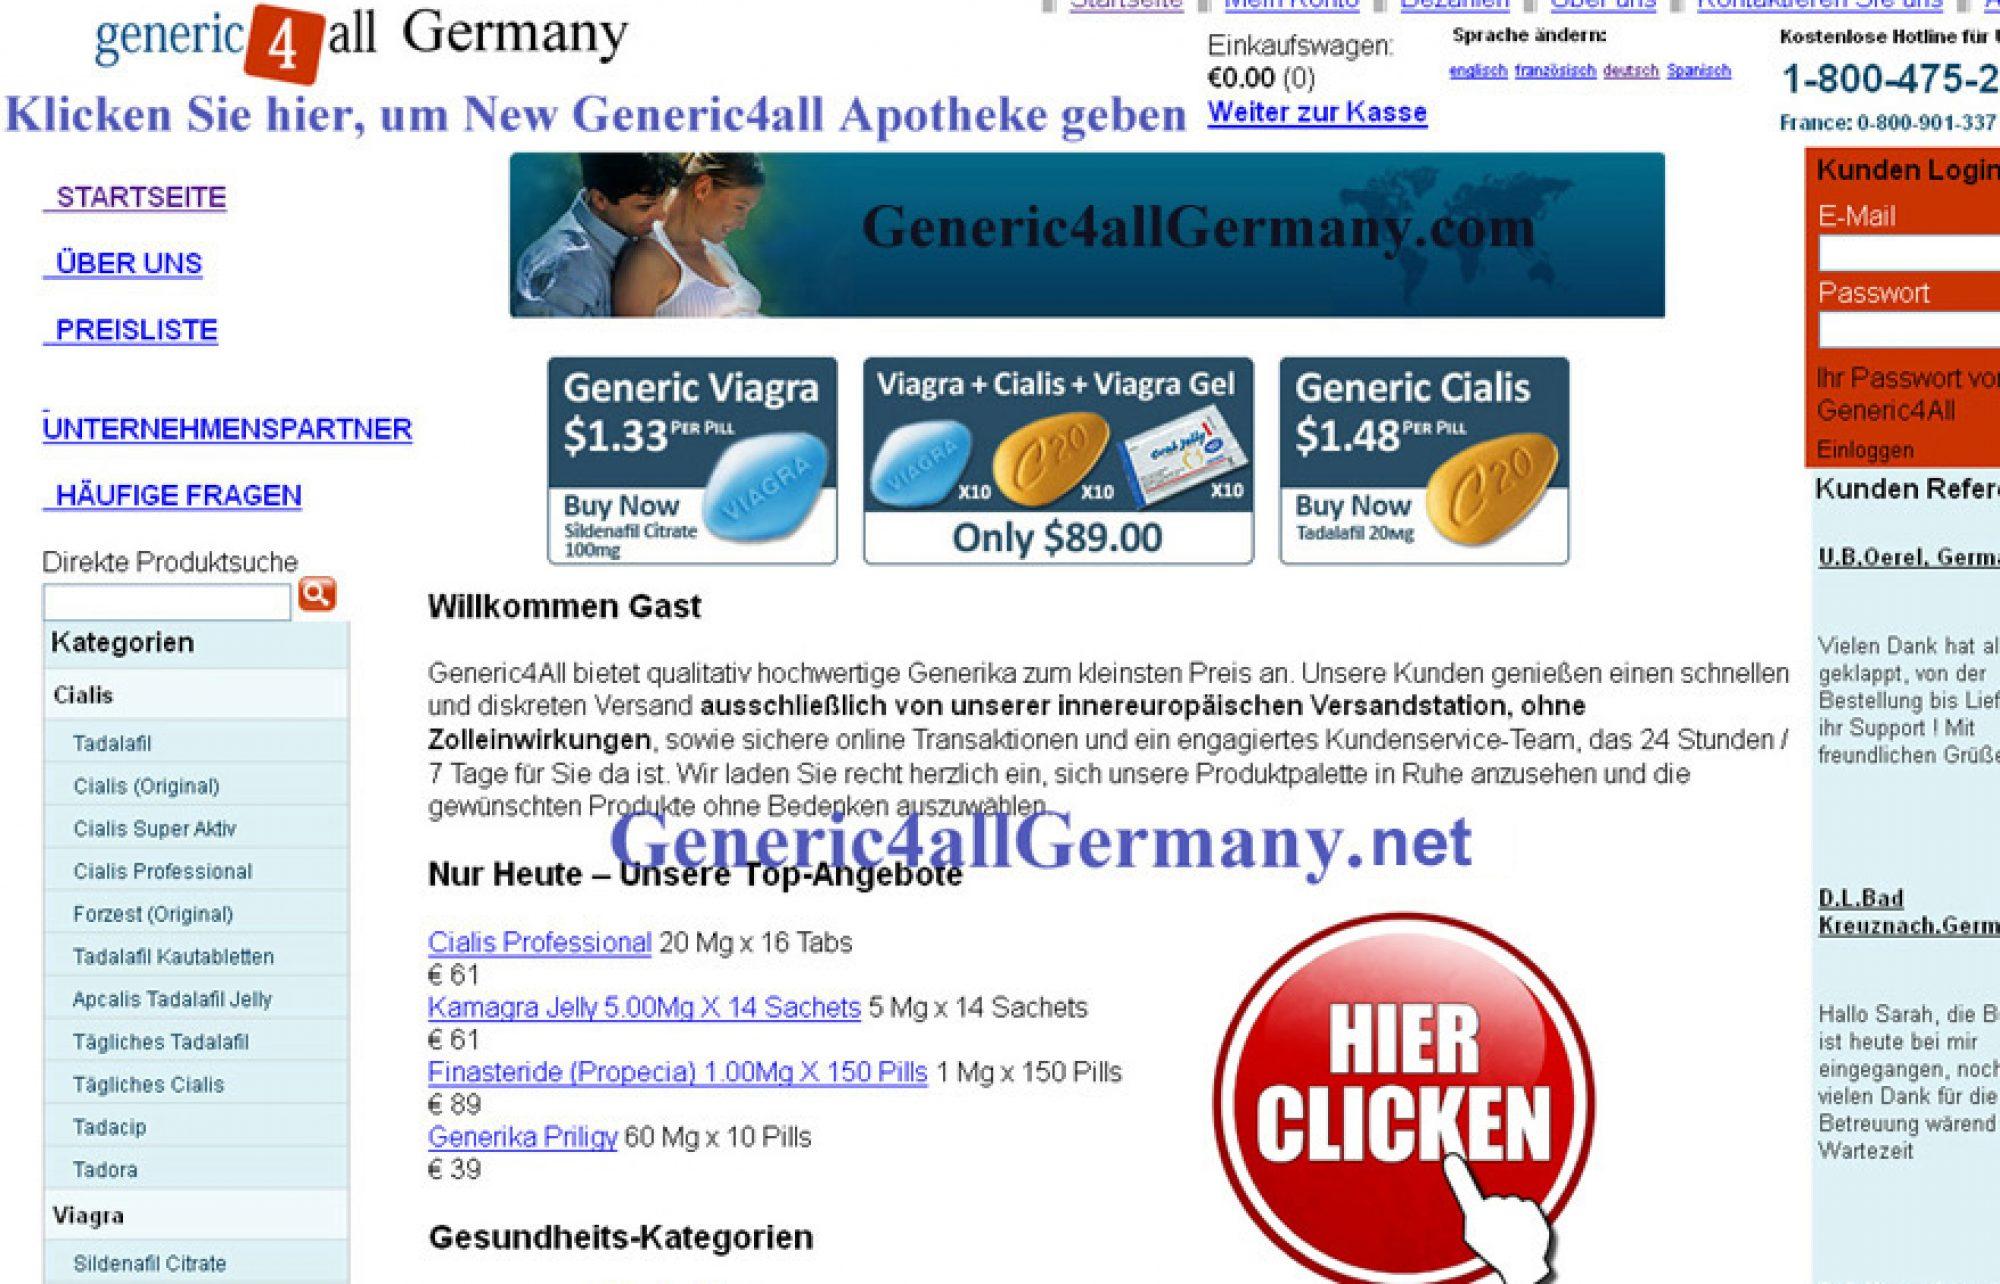 generic4all Überblick und Informationen